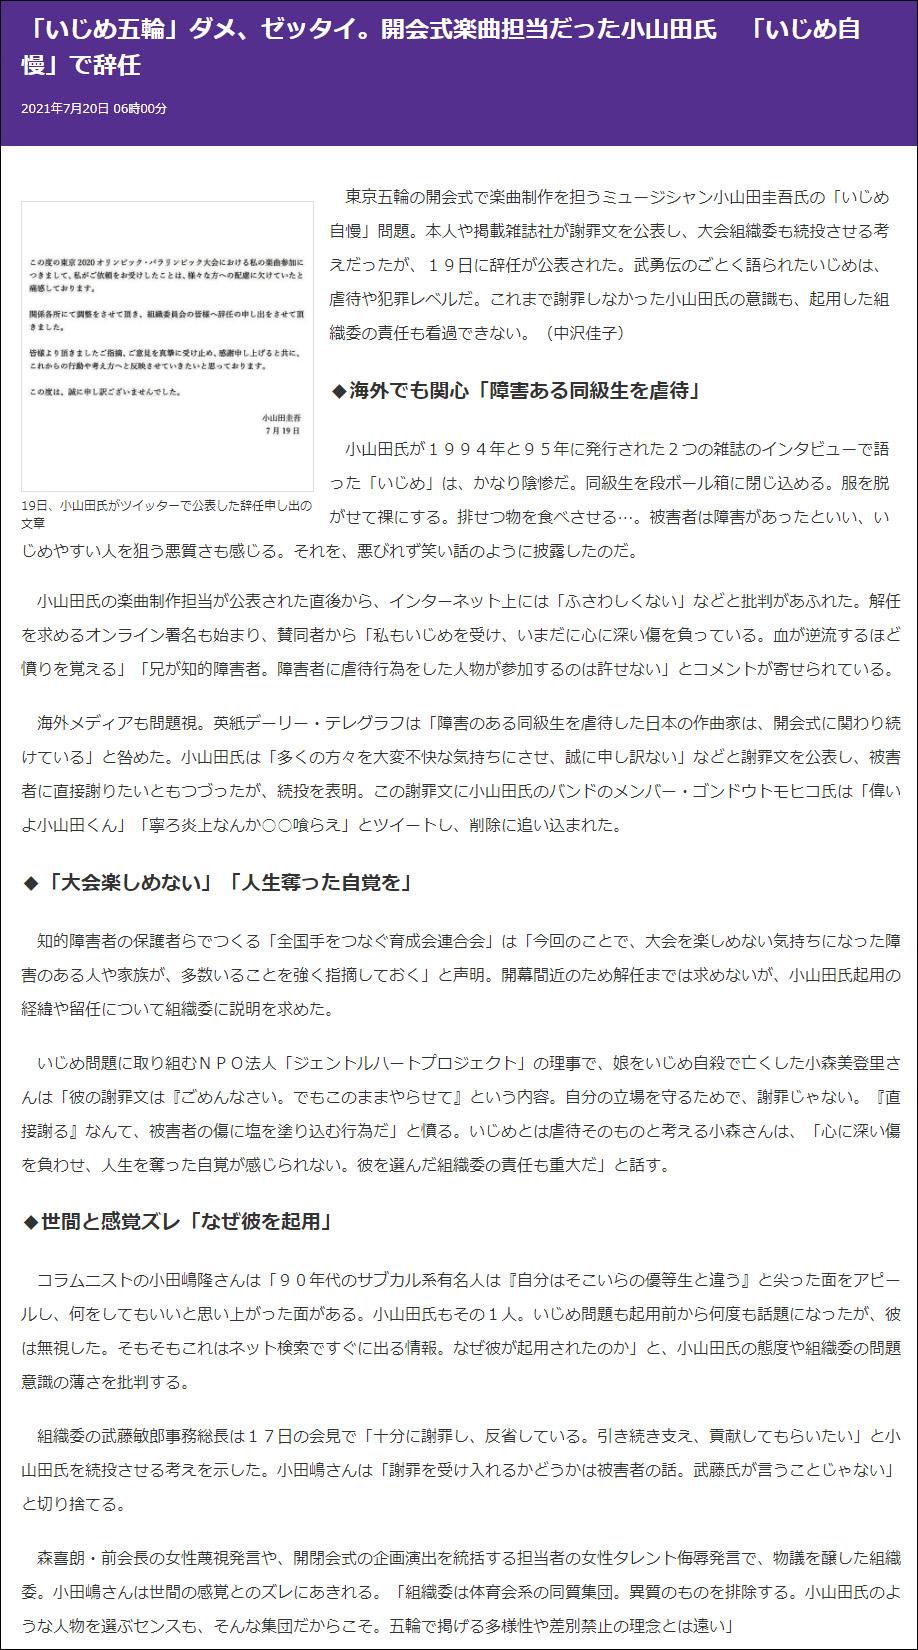 小森美登里:東京新聞掲載「『いじめ五輪』ダメ、ゼッタイ。開会式楽曲担当だった小山田氏『いじめ自慢』で辞任」